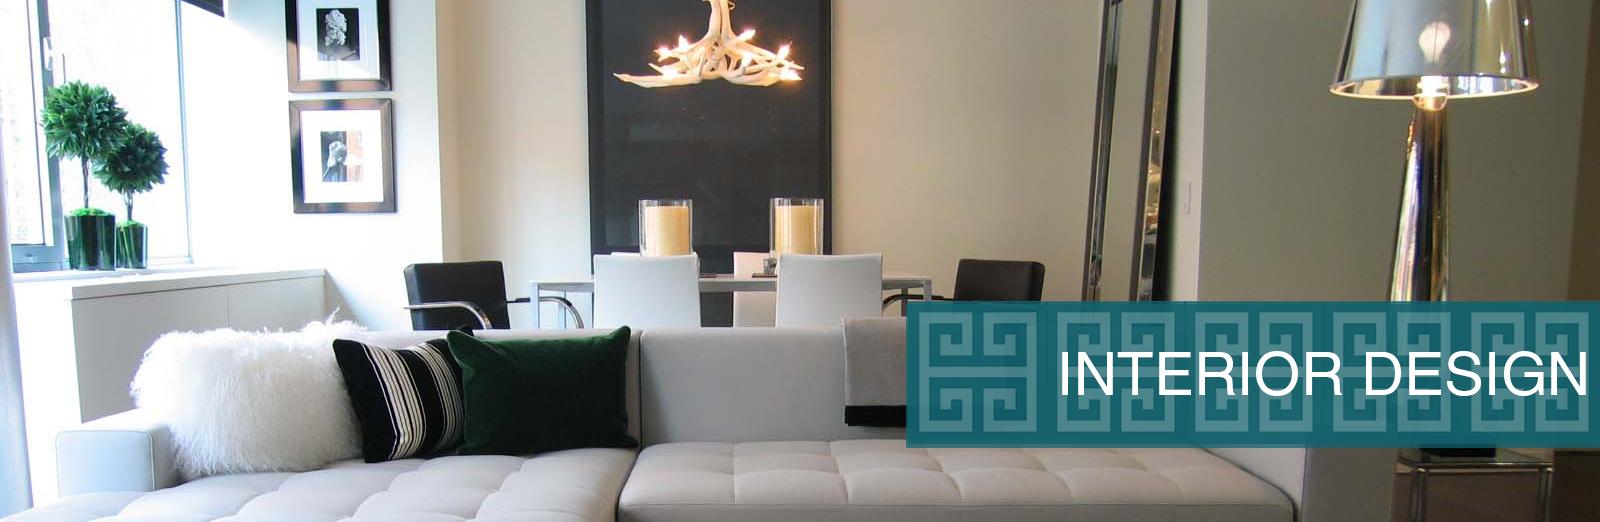 Interior design atlanta designer melanie serra for Interior design consultation services